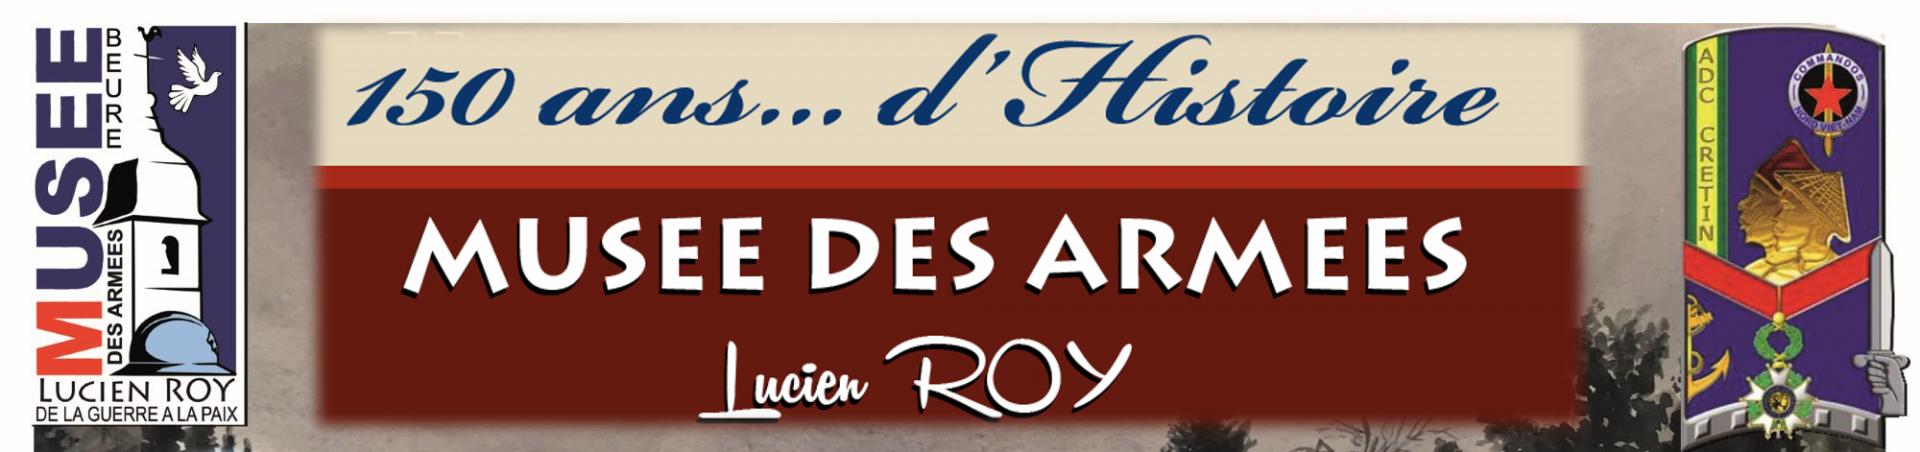 Musée Lucien Roy - Beure